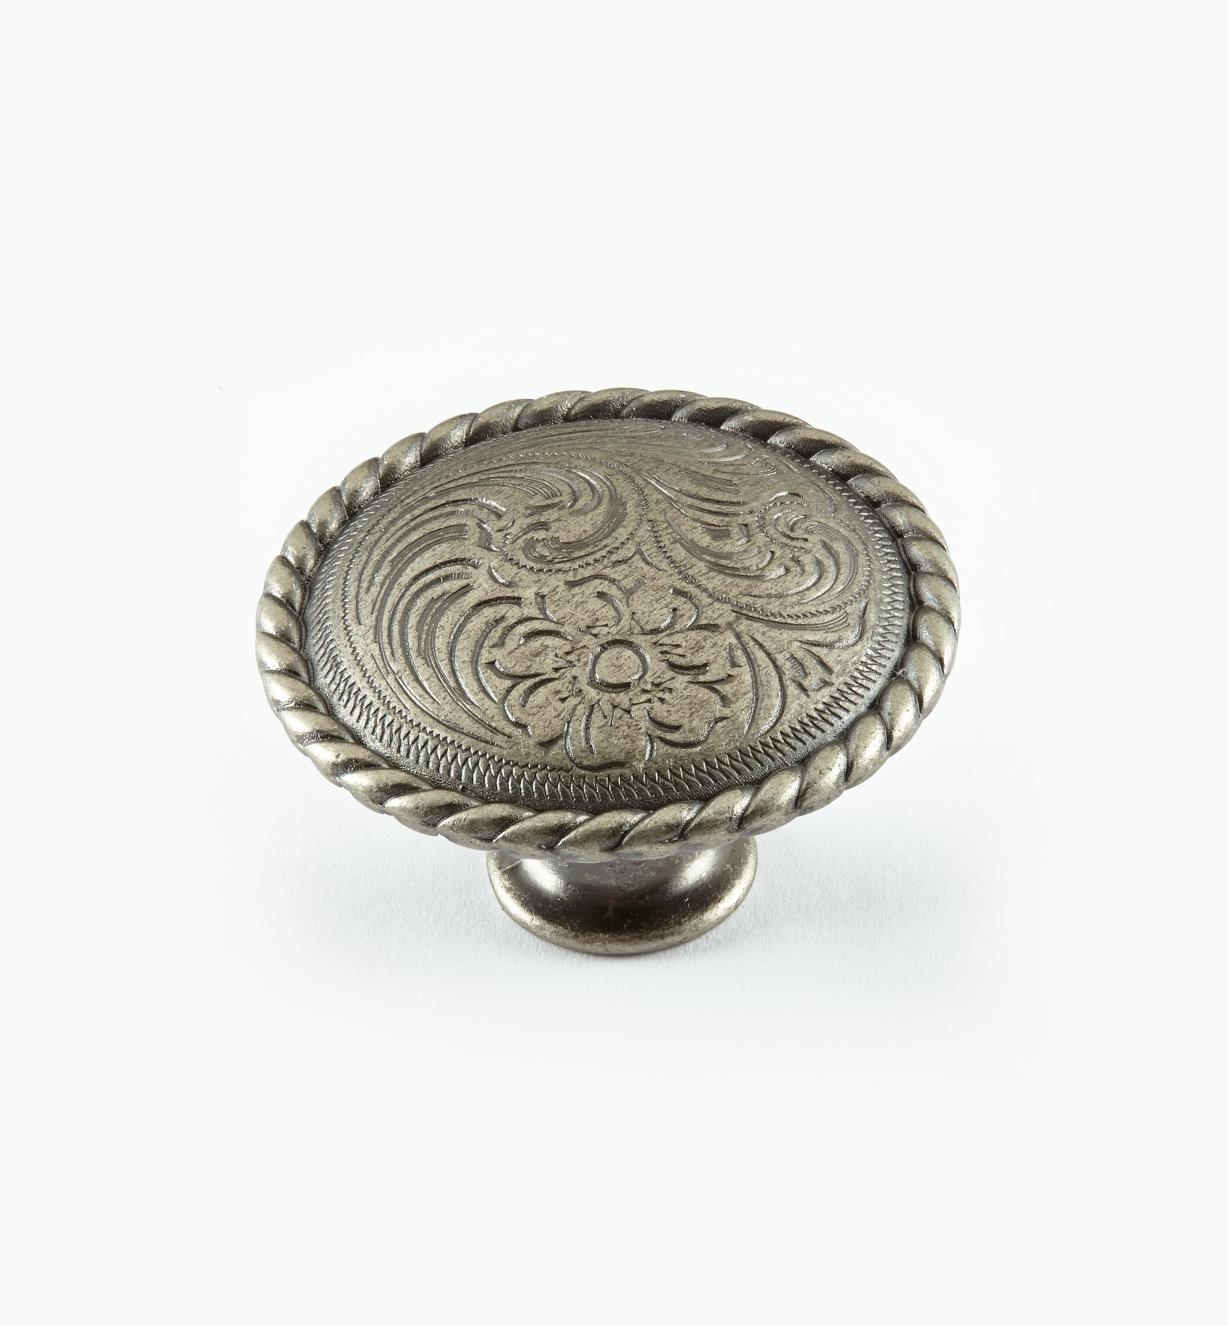 02A4602 - Bouton de 11/2pox 7/8po, série Acanthus, fini argent ancien